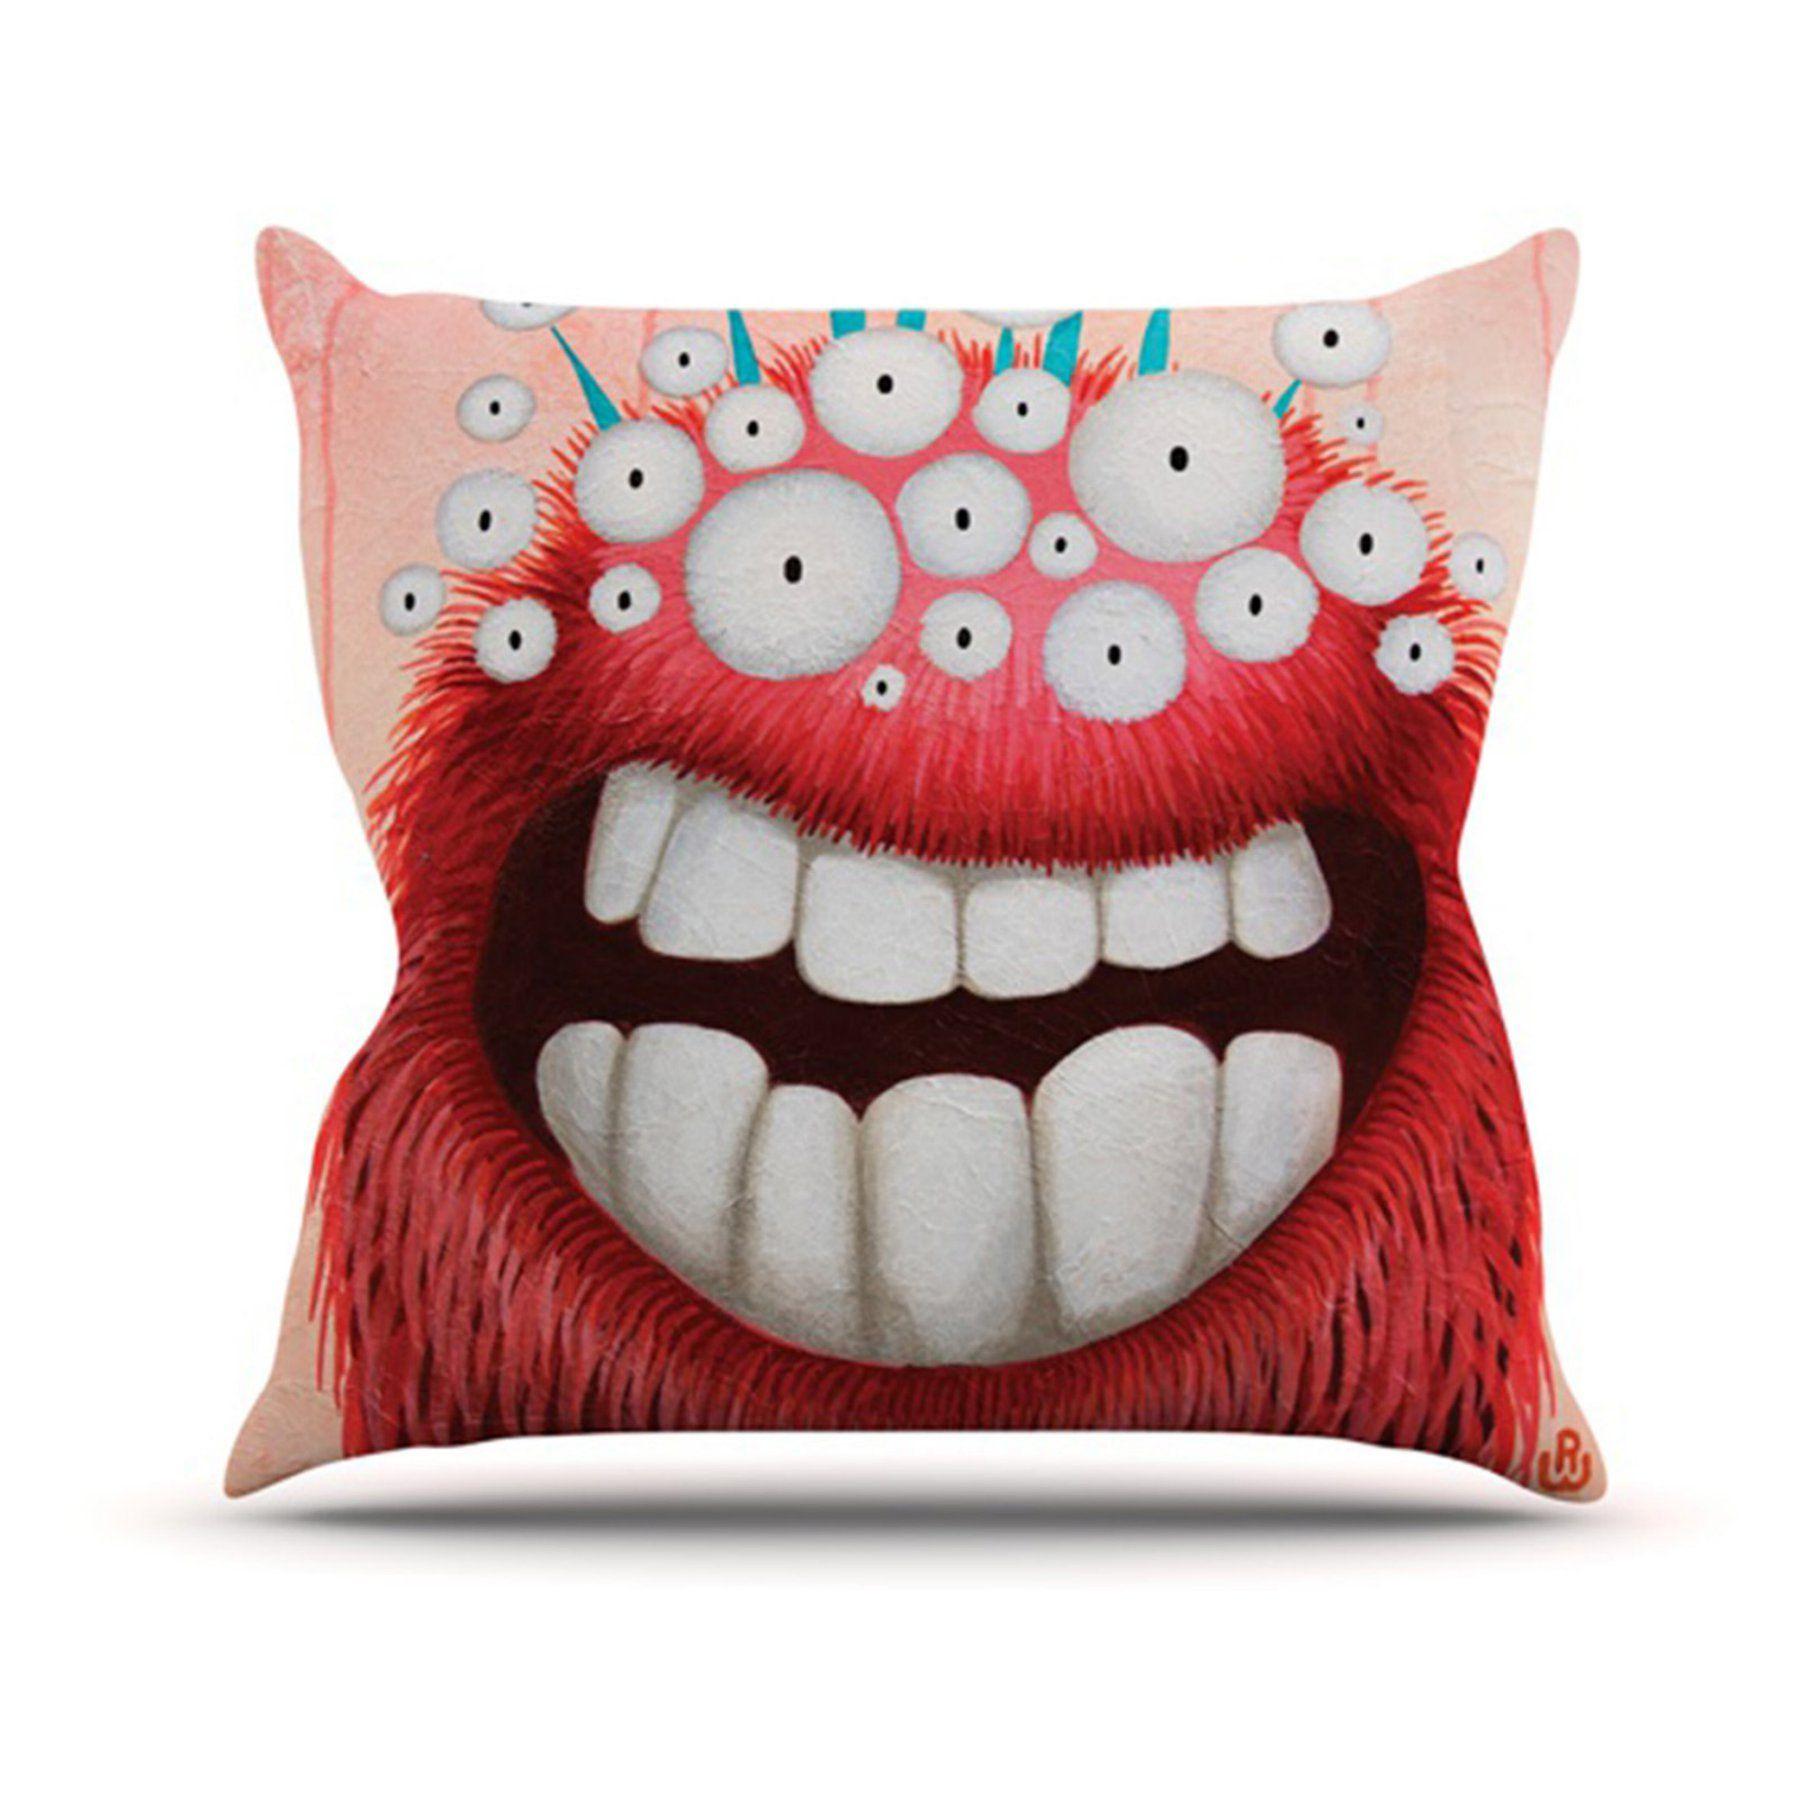 Kess Inhouse Rachel Kokko The Lookout Indooroutdoor Throw Pillow